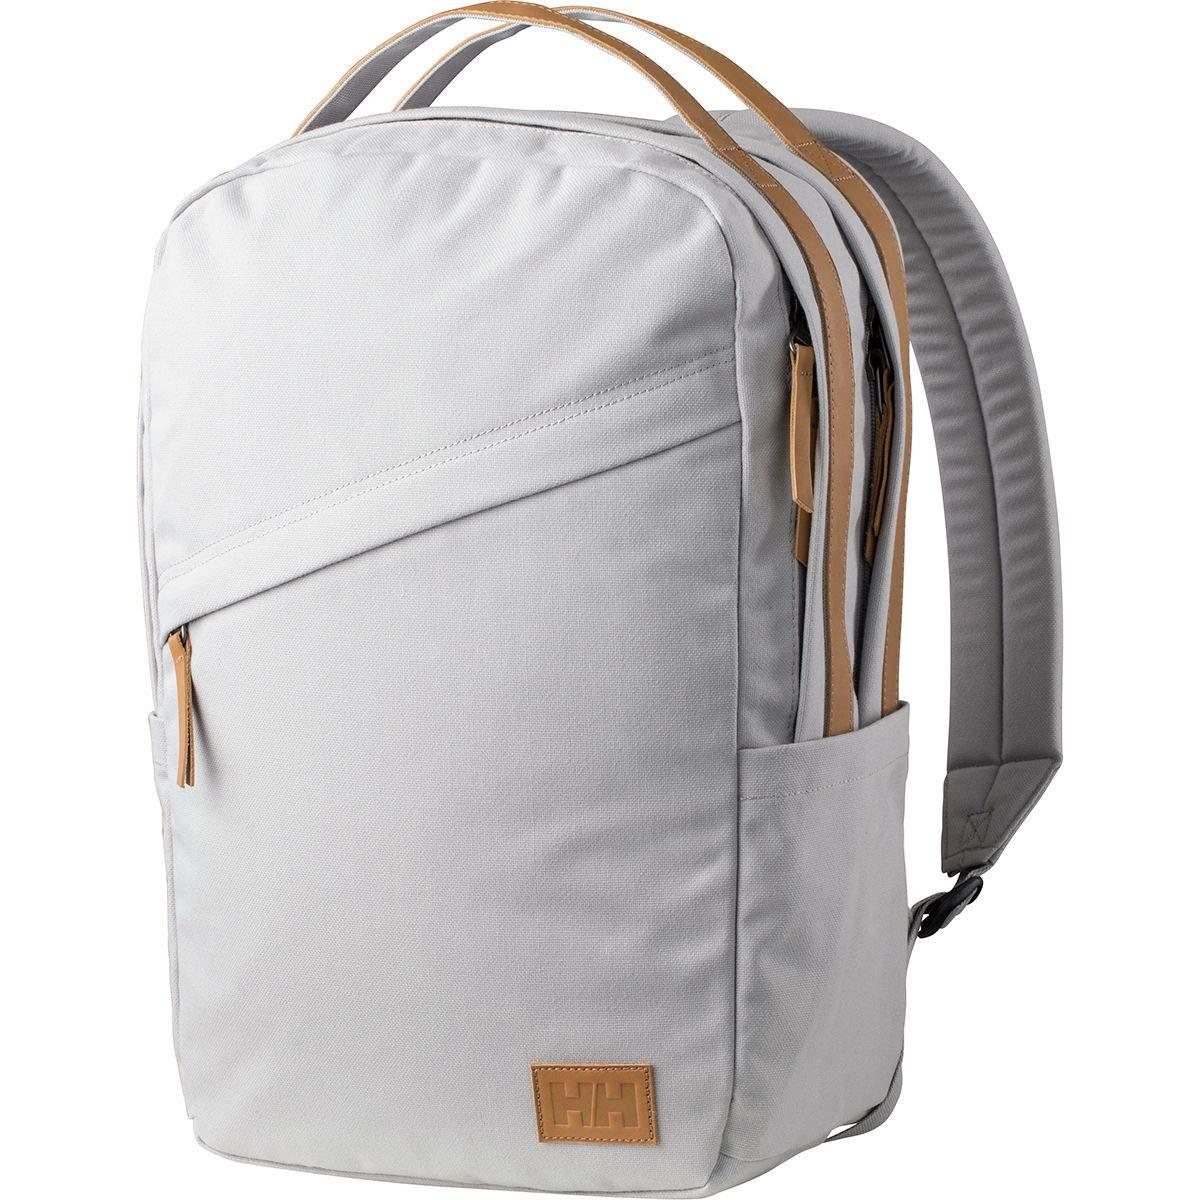 (ヘリーハンセン)Helly Hansen Copenhagen 20L Backpackメンズ バックパック リュック Silver Grey [並行輸入品]   B07K4226ZG